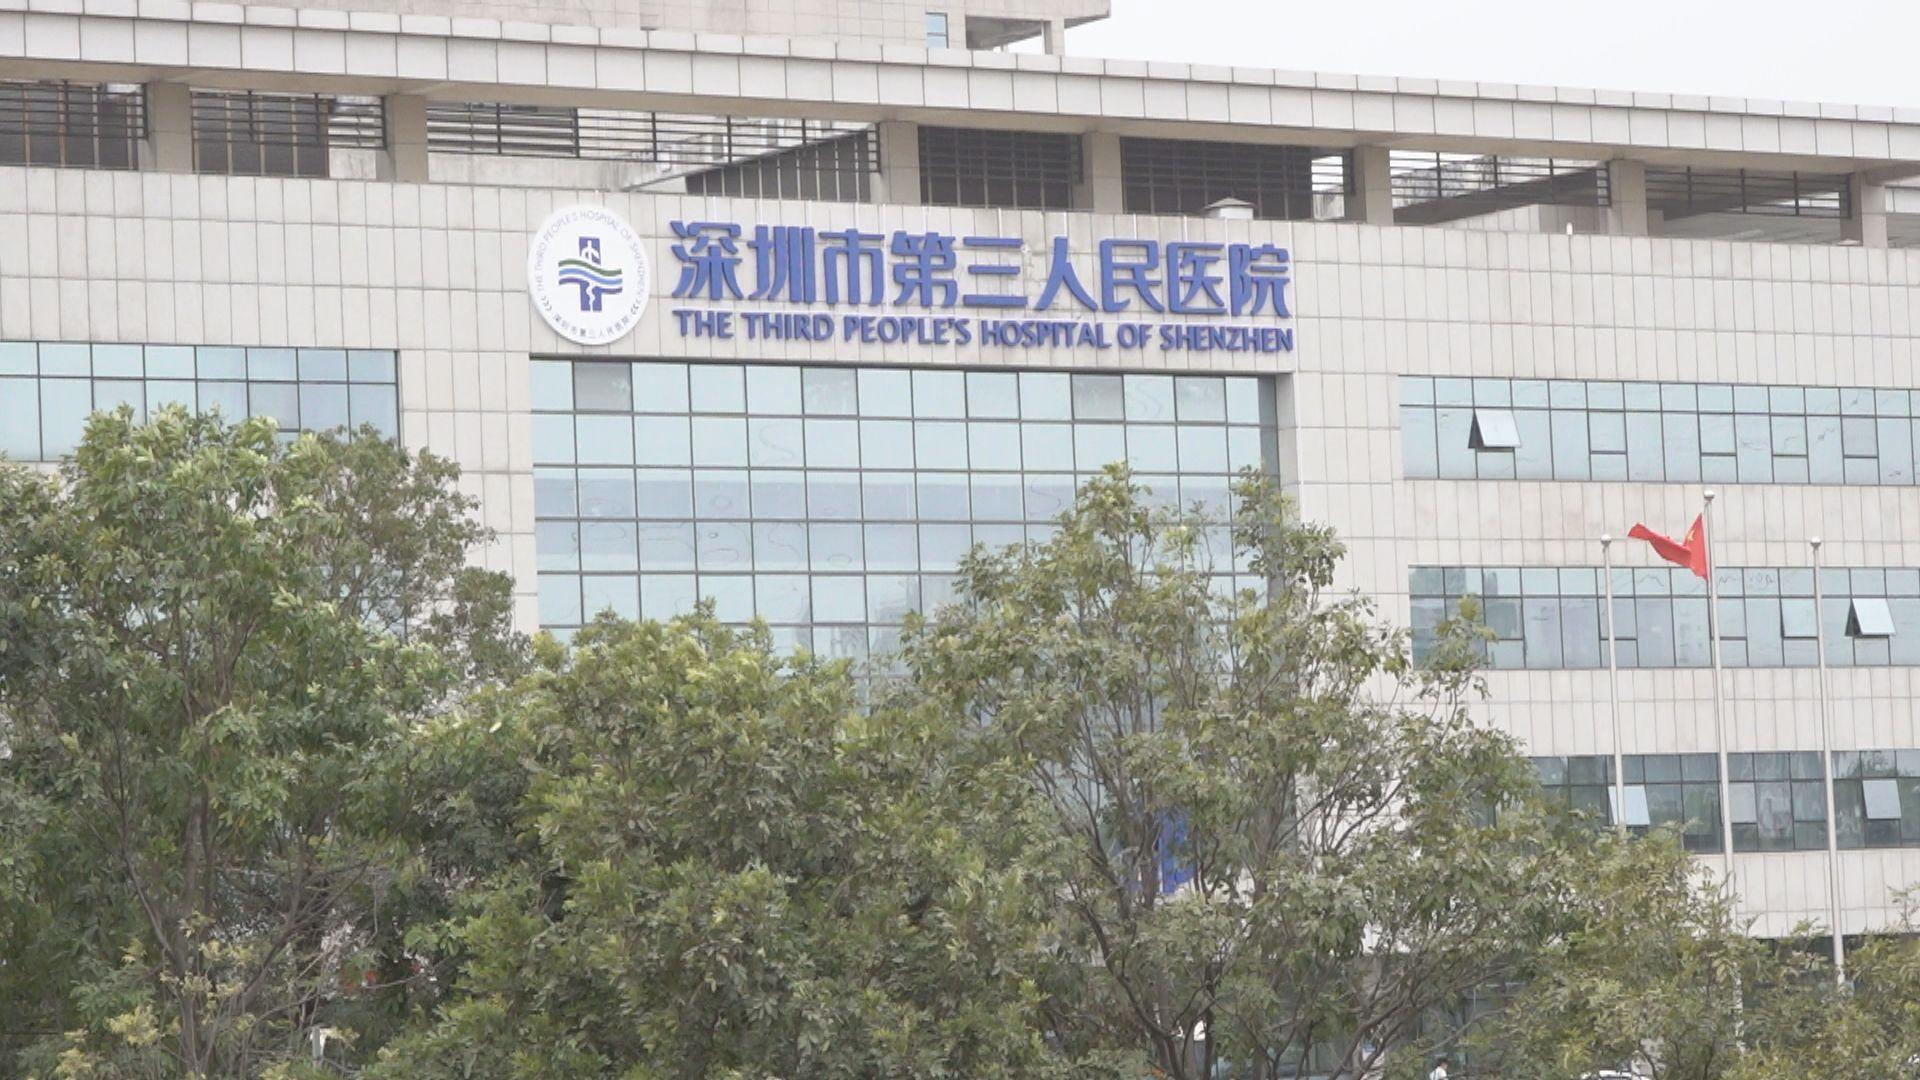 深圳醫院:96%新冠患者康復六個月後仍有抗體